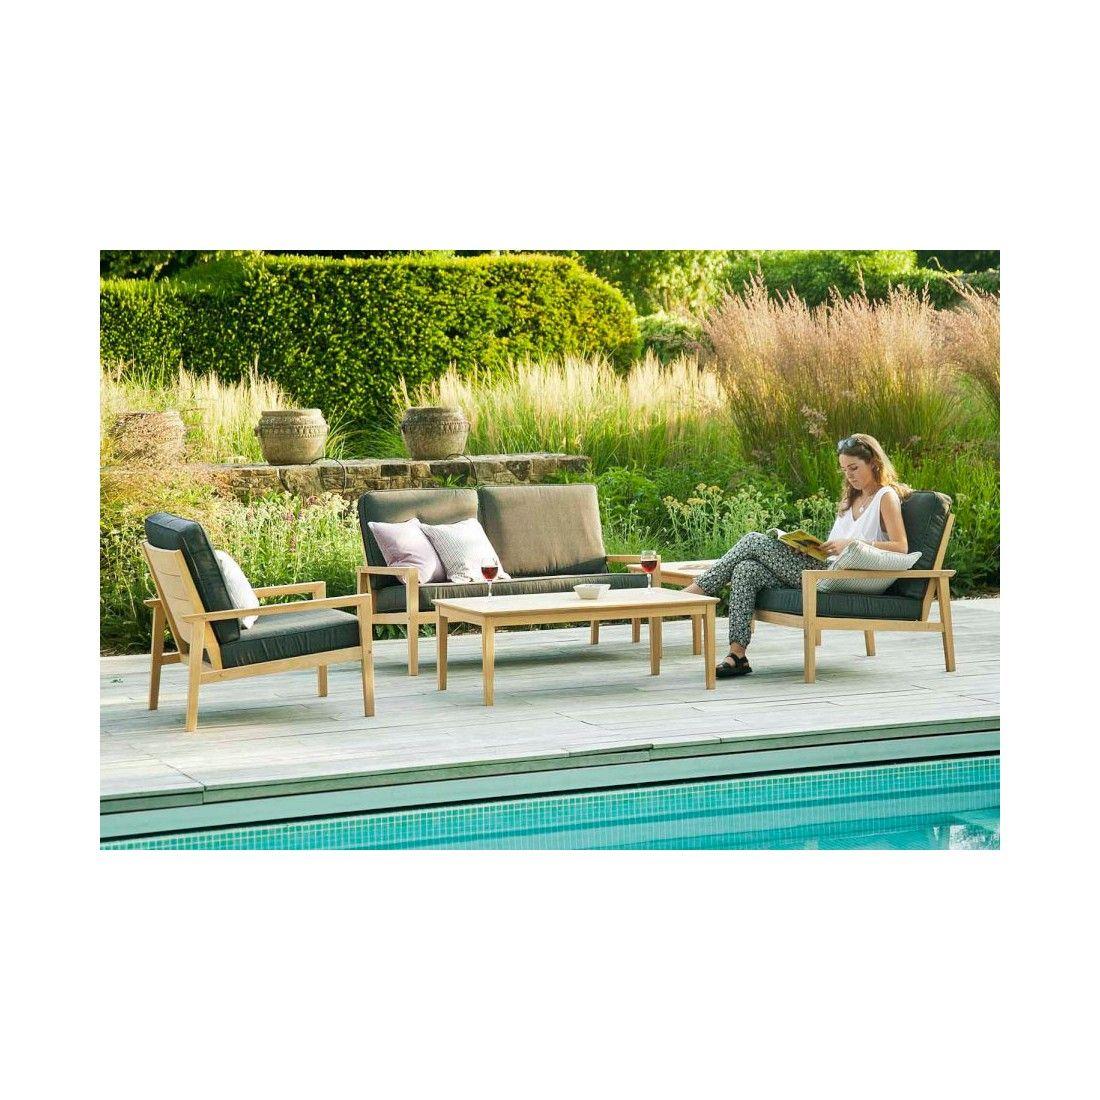 Canapé lounge pour salon de jardin en bois avec coussin gris foncé, haut de gamme